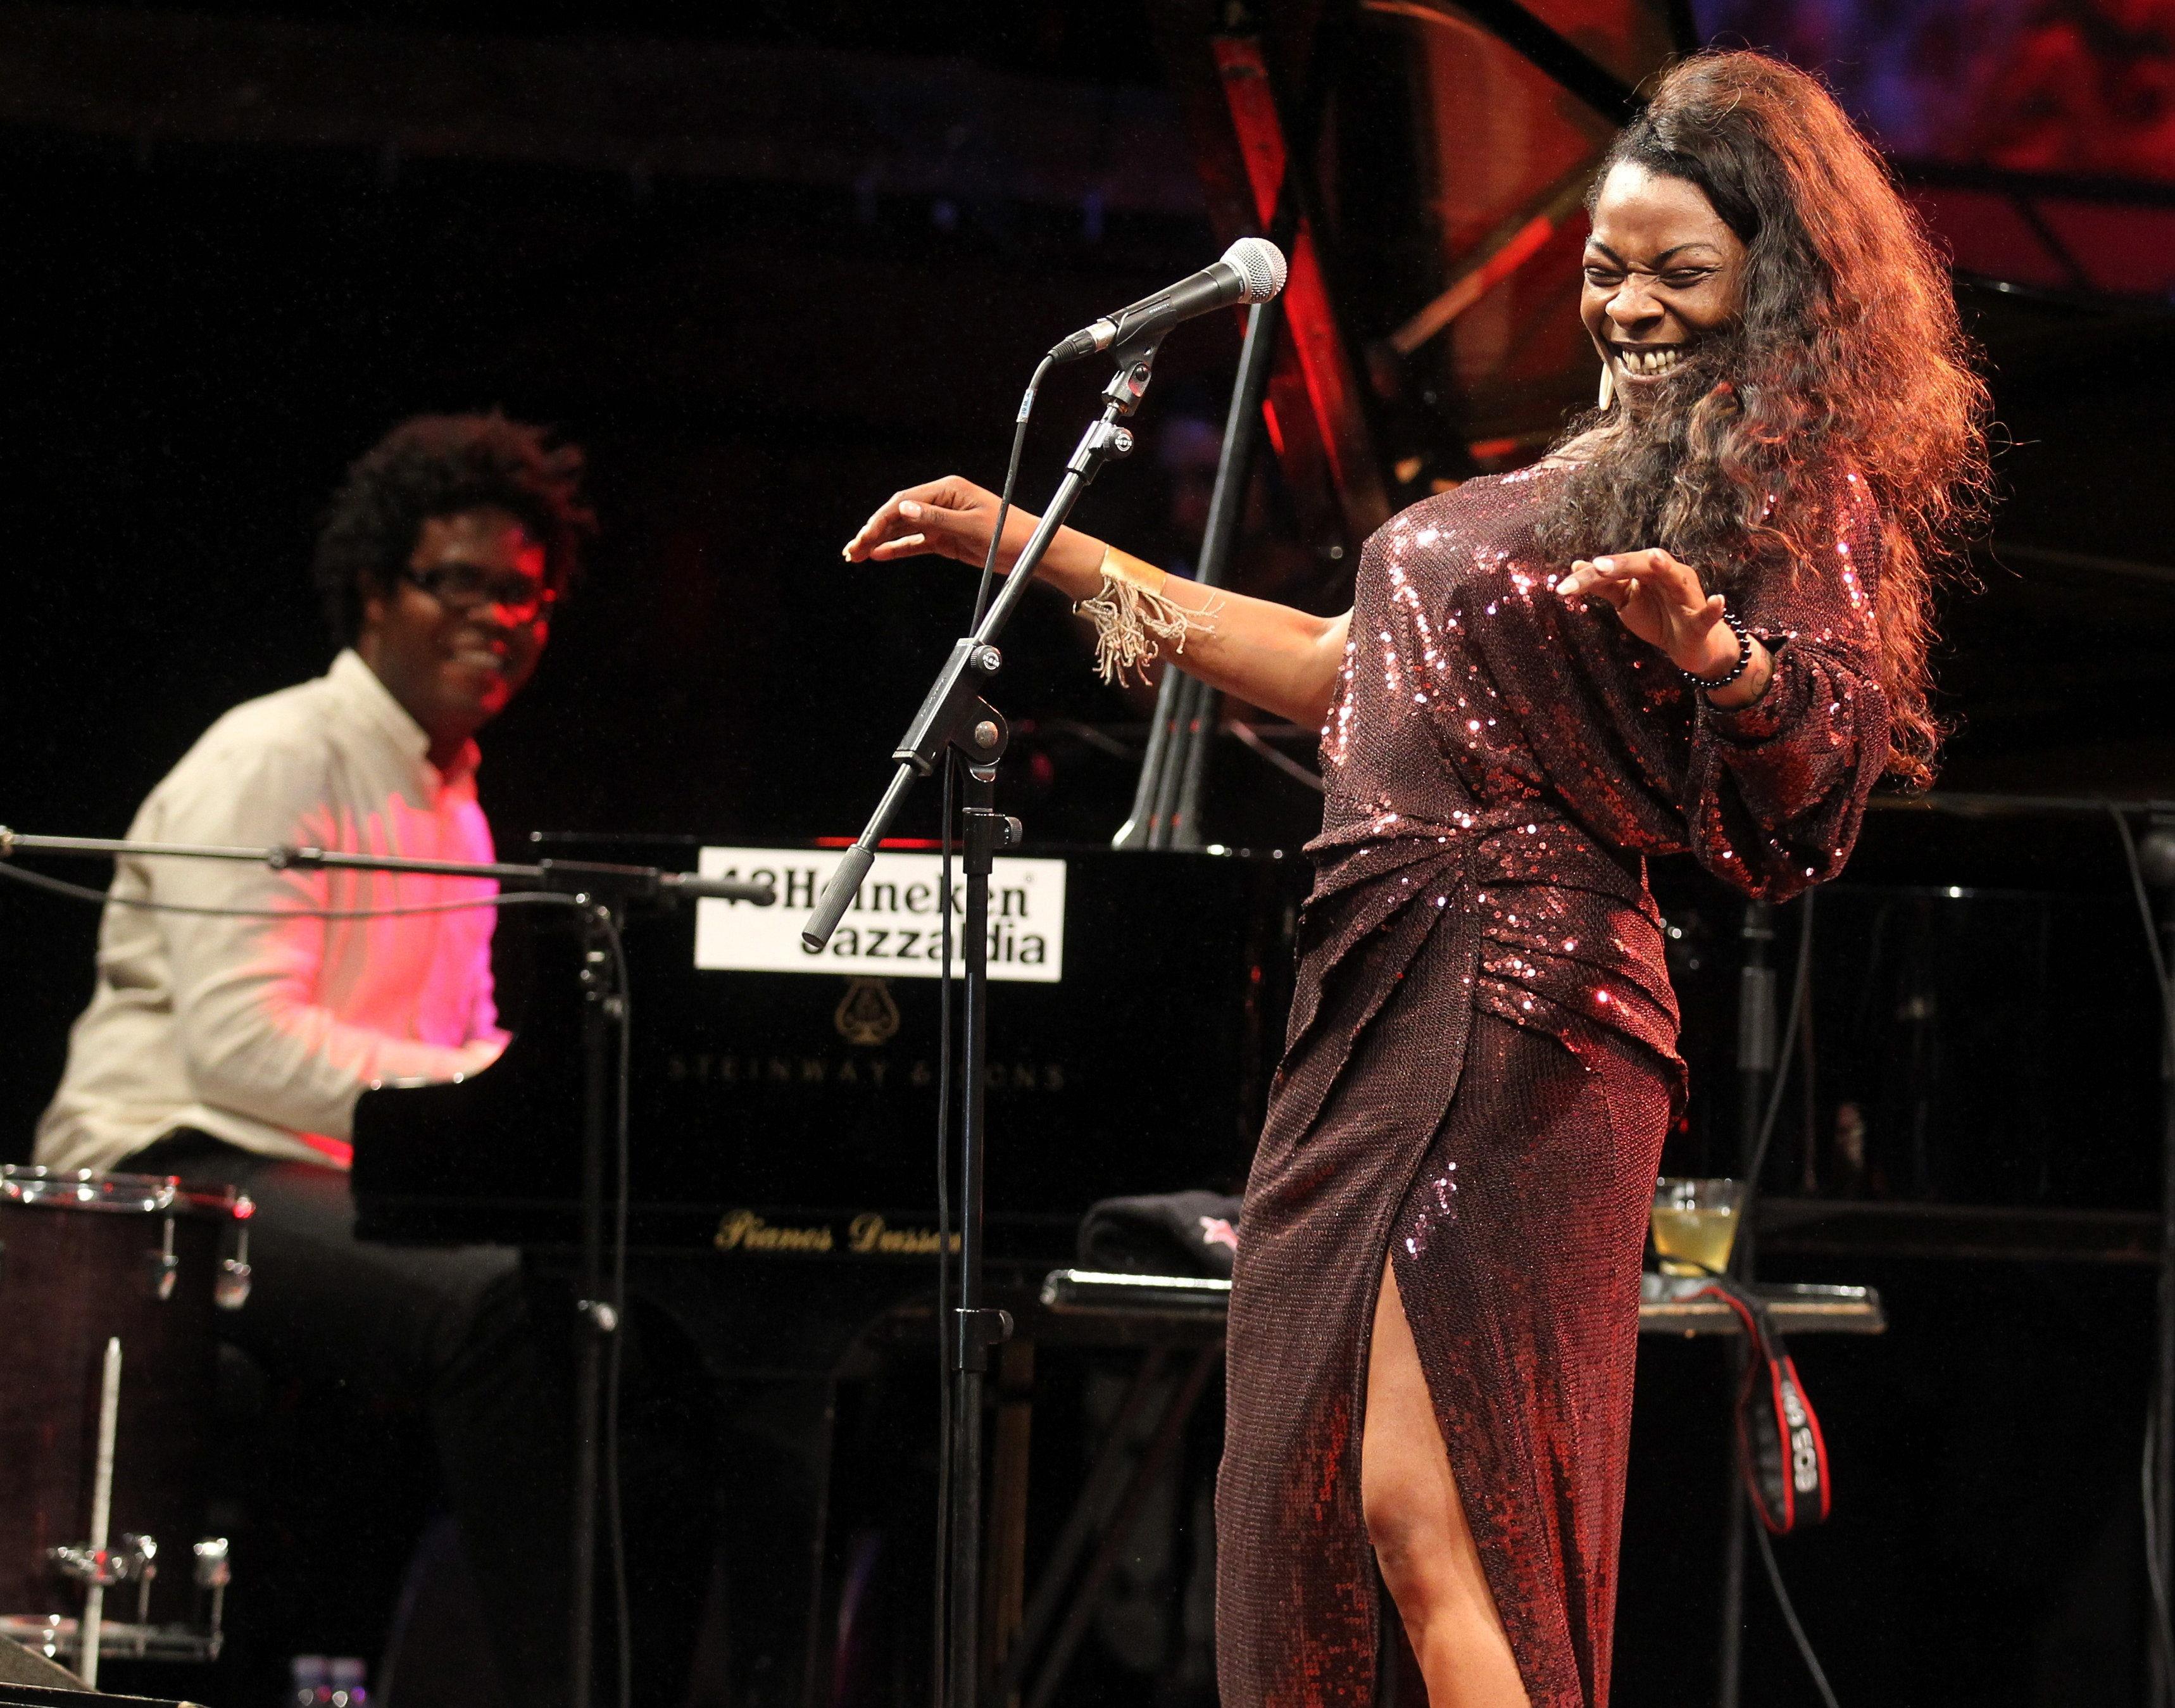 Buika entusiasma al público en Nueva York con su fuerza y fusión flamenca